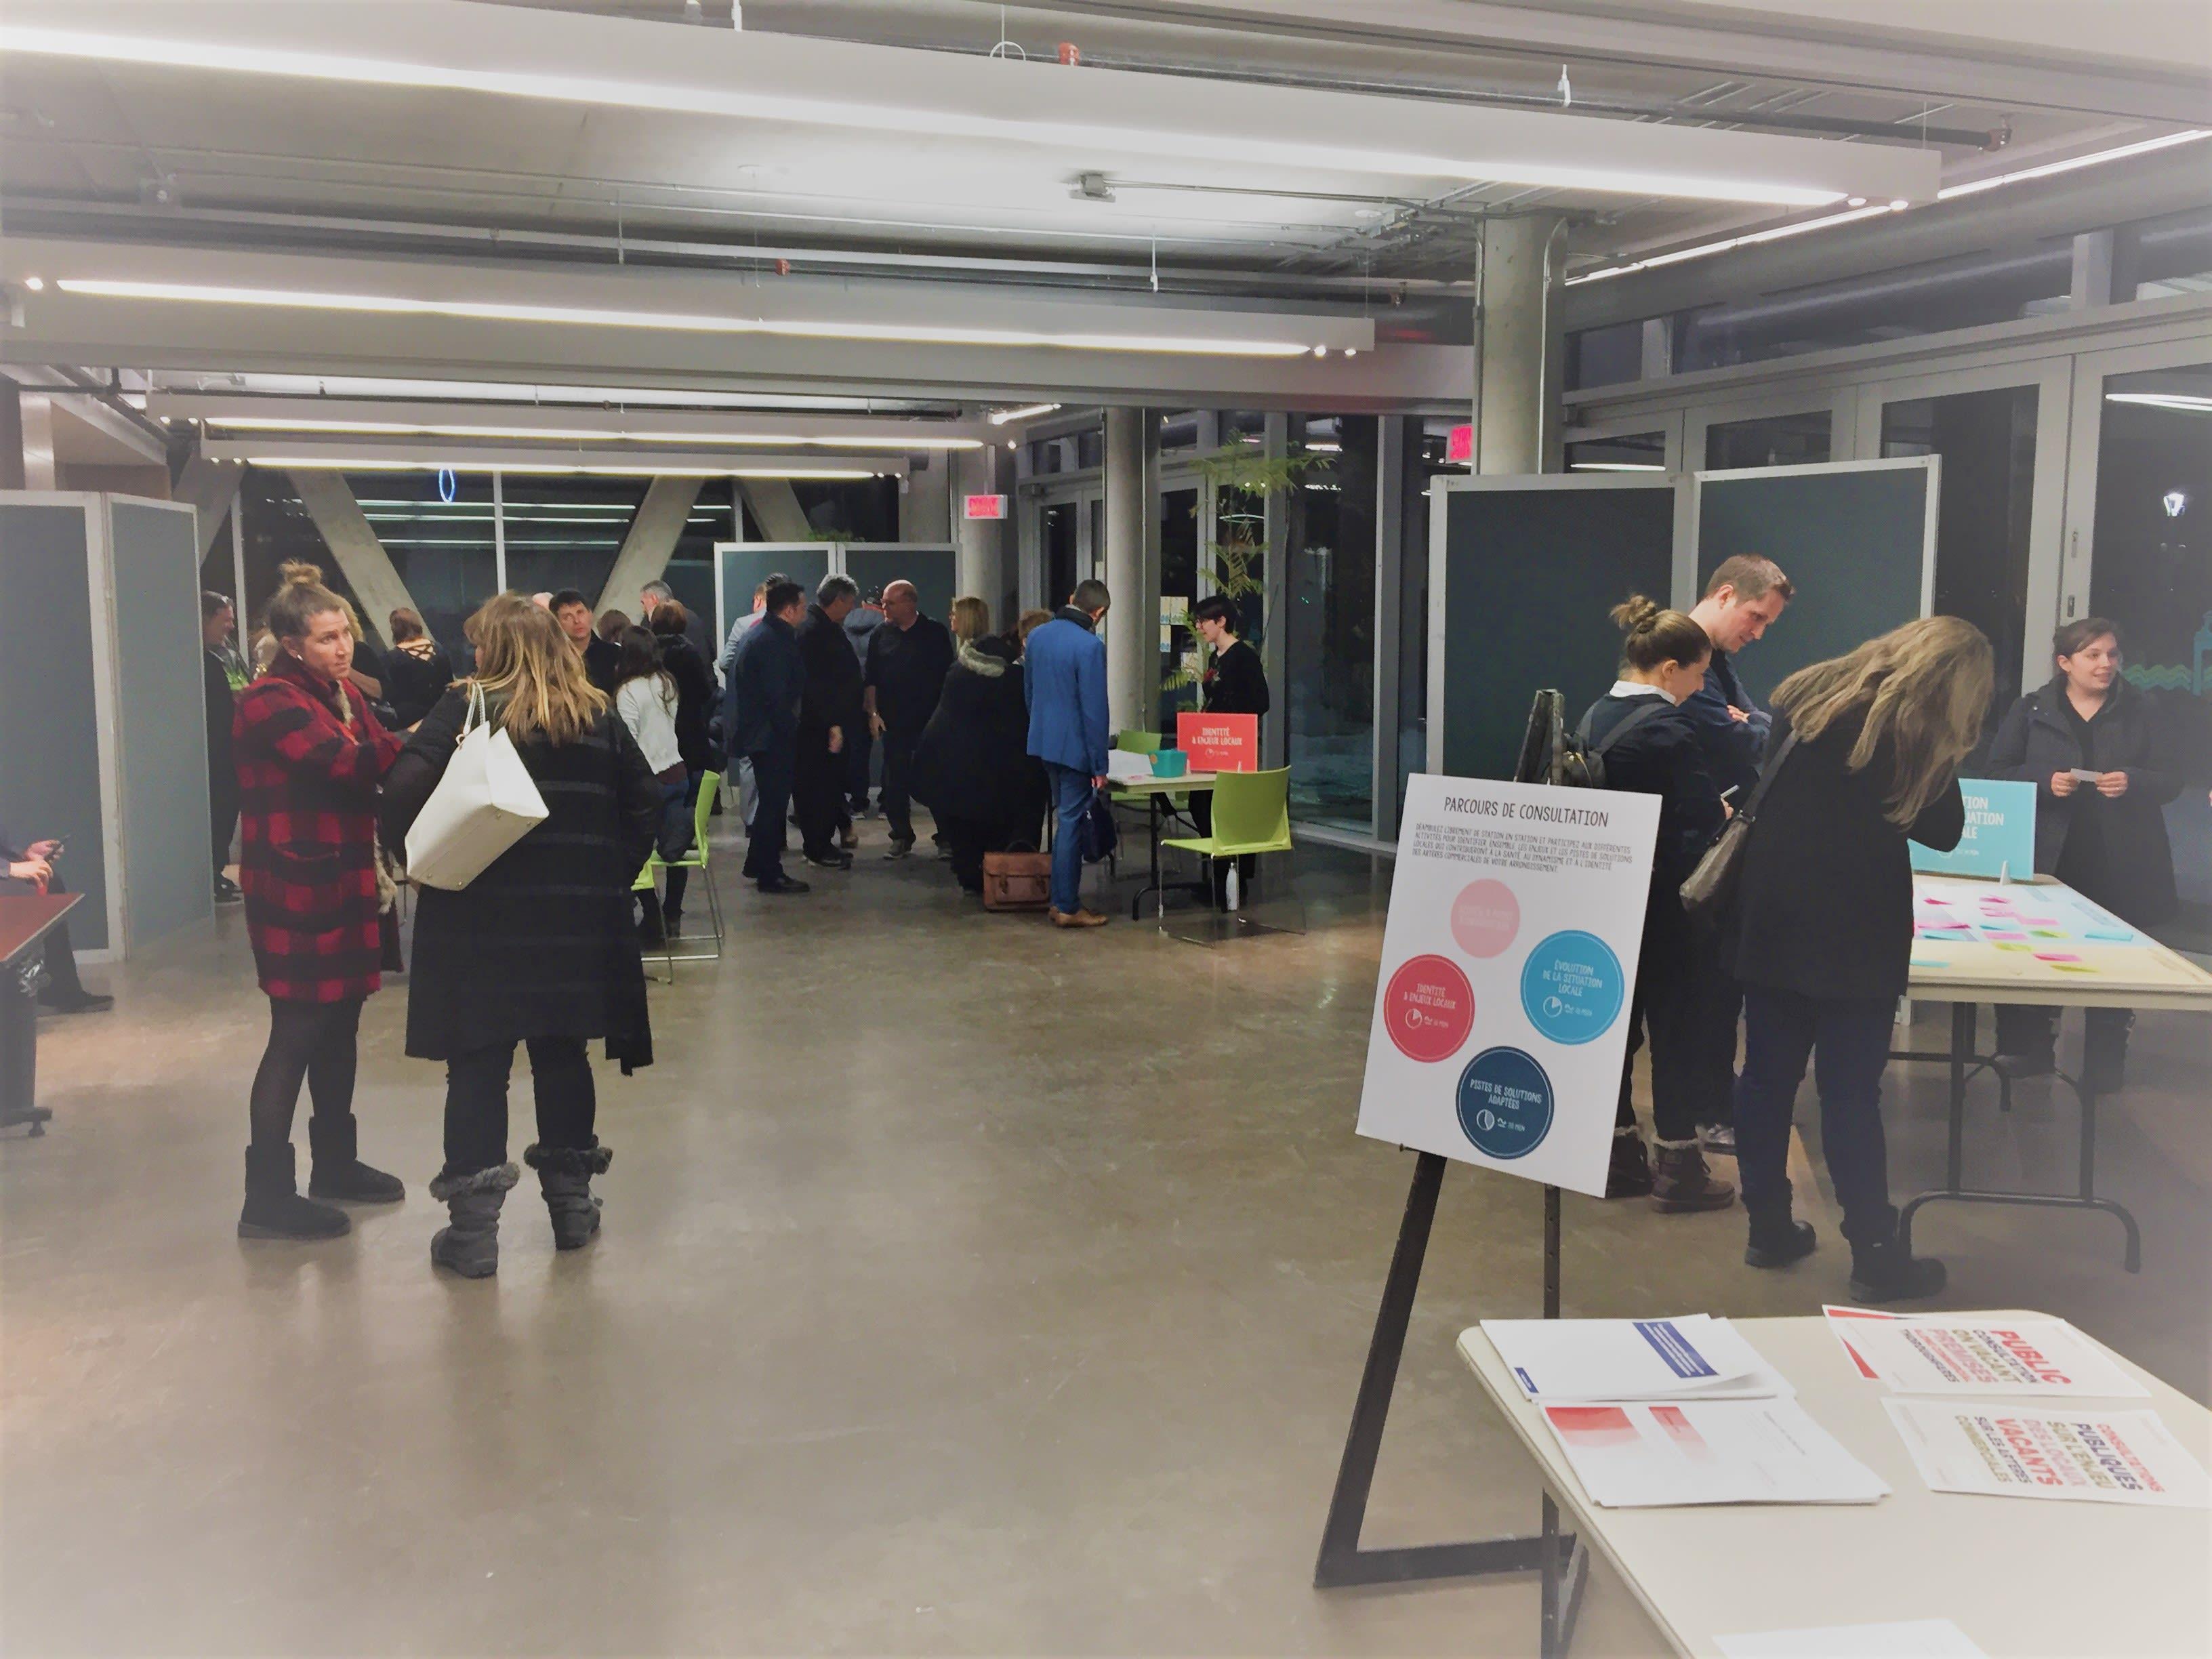 Une trentaine de personnes ont assisté à la consultation publique sur la problématique des locaux vacants sur les artères commerciales le 29 janvier dernier.